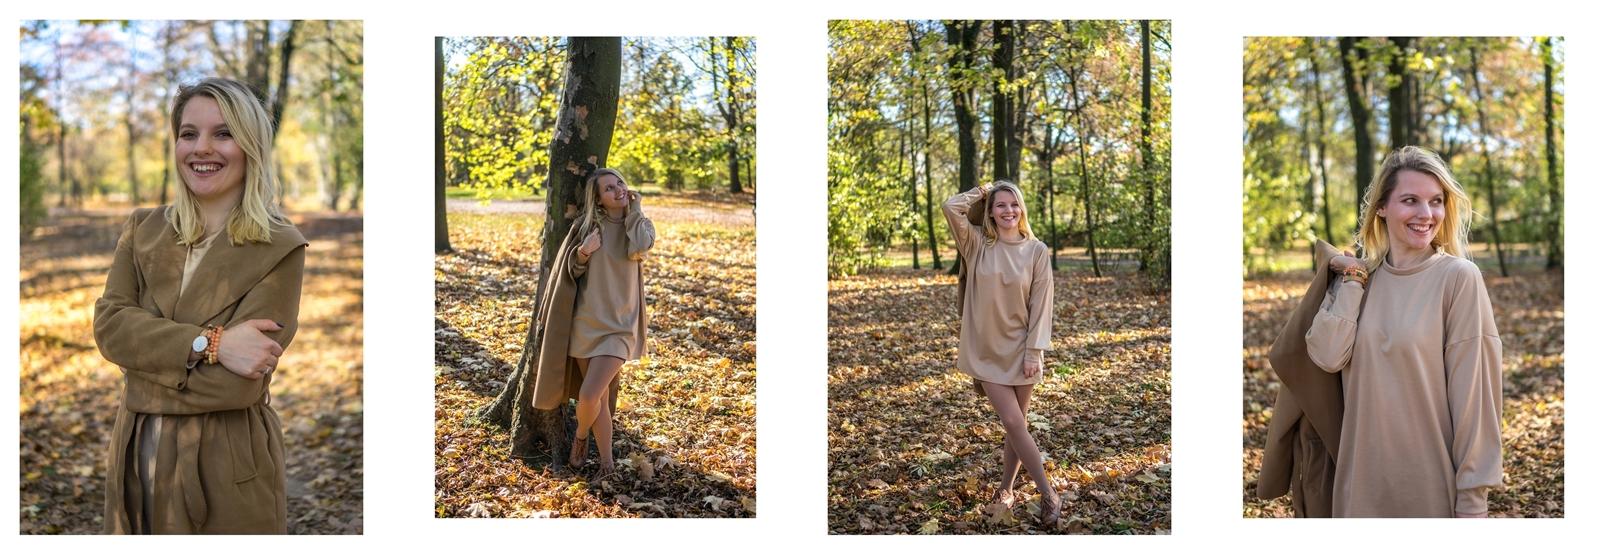 1 beżowy płaszcz z paskiem gdzie kupić co założyć jak nosić płaszcz jesienią carmel autumn coat femme luxe cena opinia jesienne stylizacje outfit łódź blogerka styl moda lifestyle